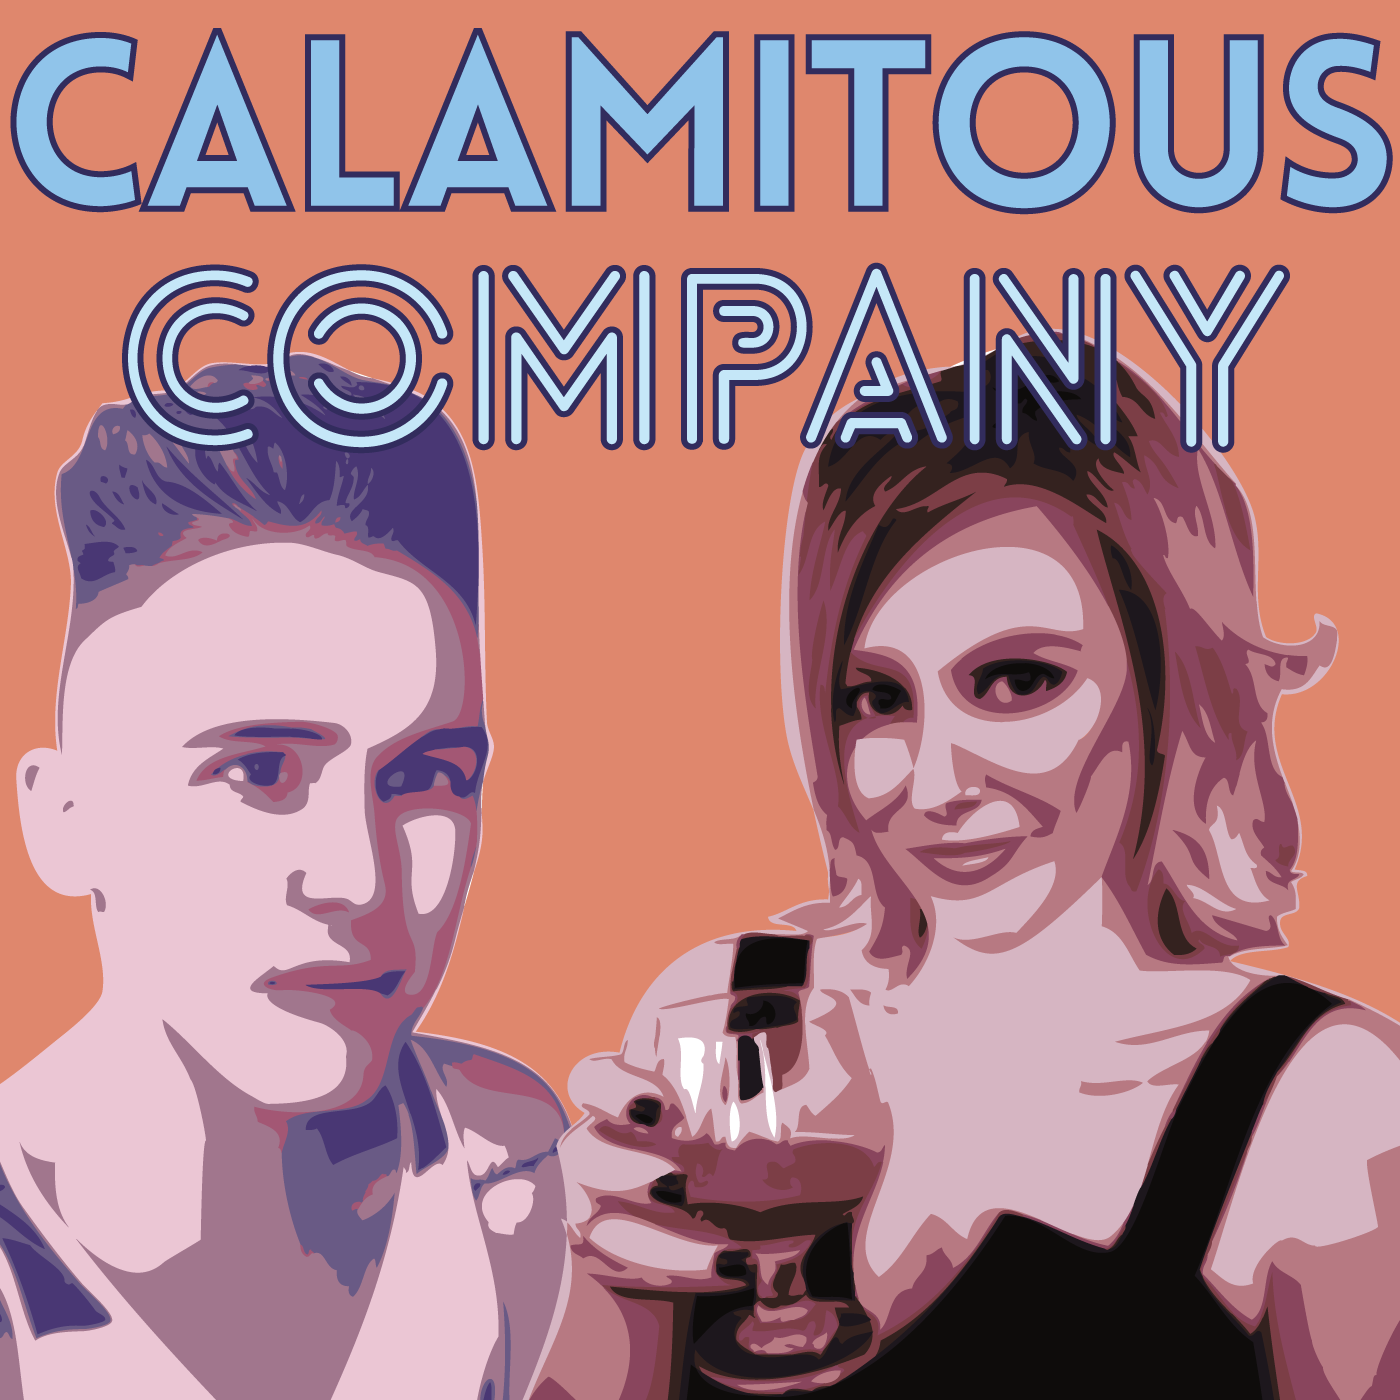 Calamitous Company